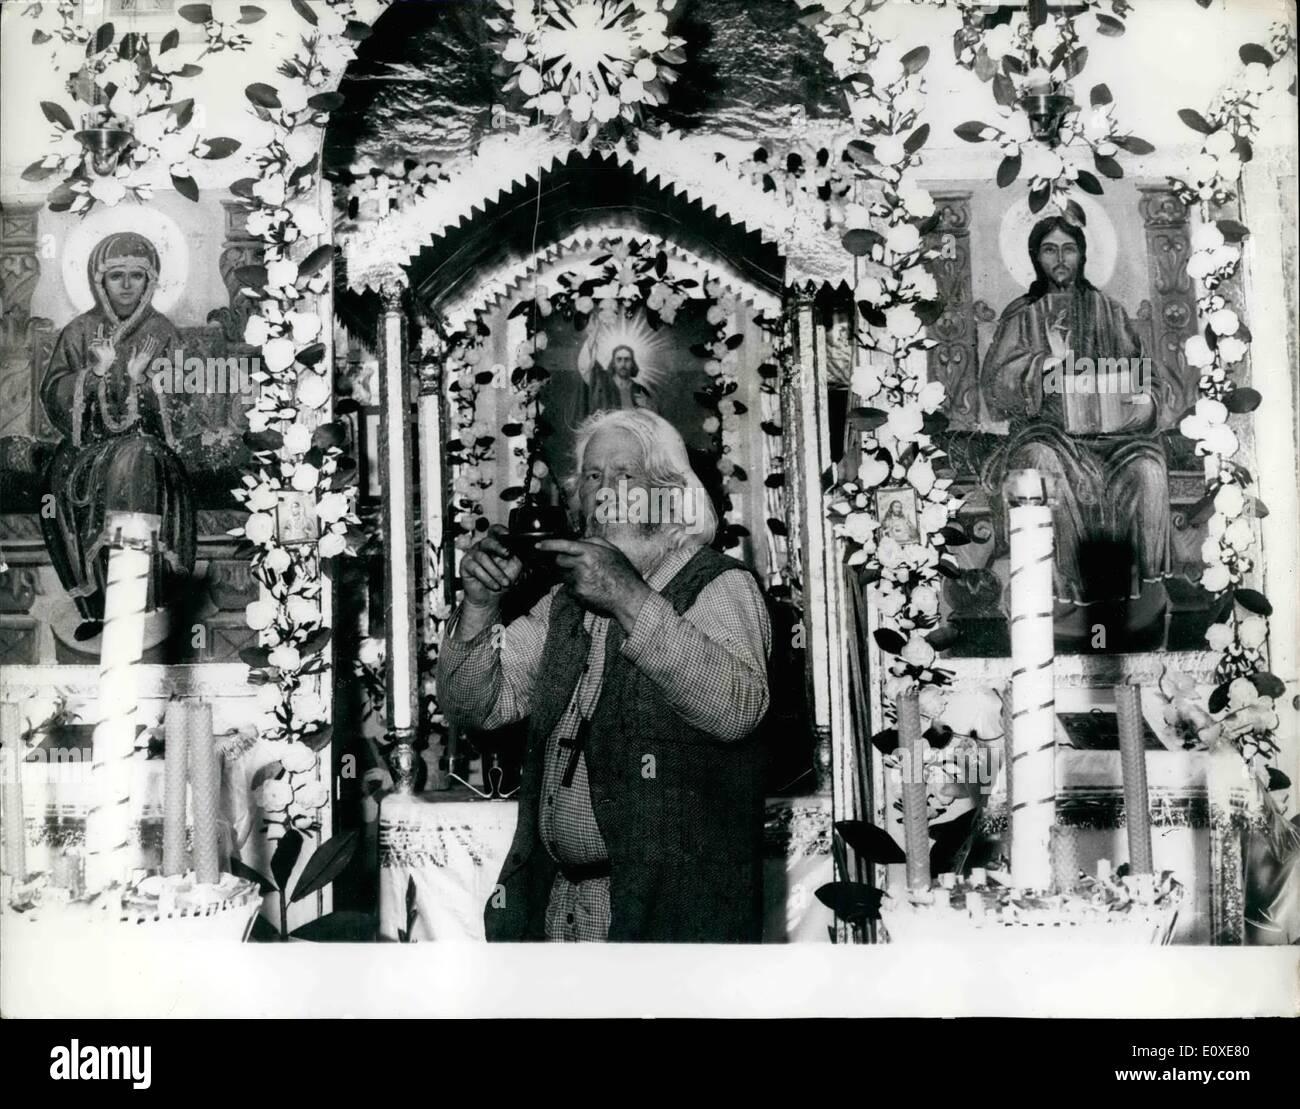 Jul 07, 1966 - El último ermitaño de la Metrópoli Ravarian: Este monje ruso Piotr Timofei, se considera a sí mismo como la primera víctima del nuevo centro olímpico de Munich, su pequeña iglesia y su lugar de residencia, situada en una pequeña colina en Munich. Su iglesia tendrá que venir abajo debido a los próximos Juegos Olímpicos que se celebrarán en Munich en 1972 y como la iglesia está en el sitio en el que los juegos se celebrará tendrá que ser derribado Imagen De Stock